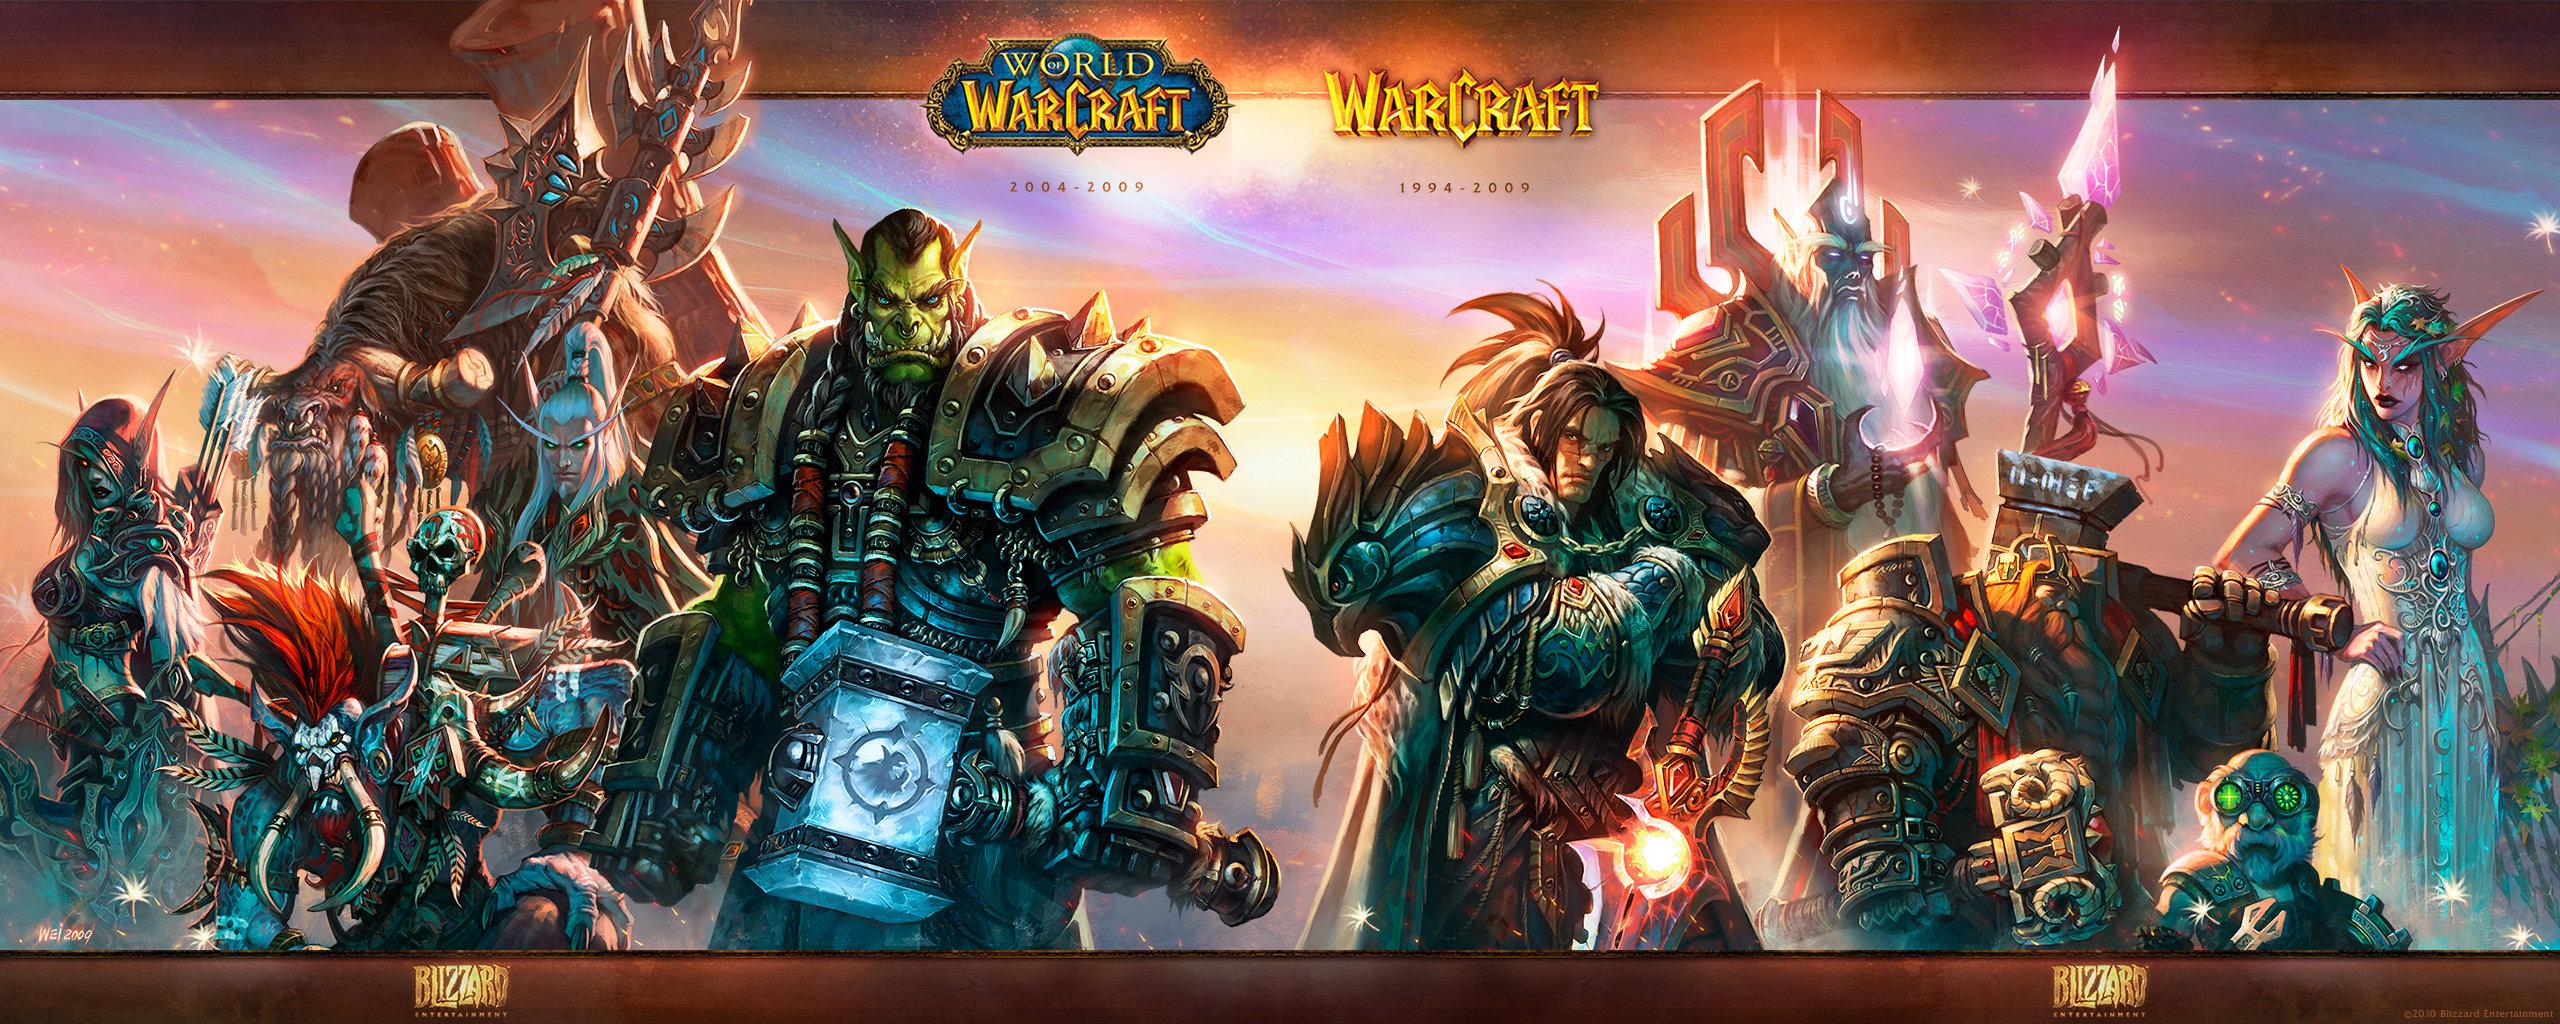 battlecry_dual_1280x1024.jpg